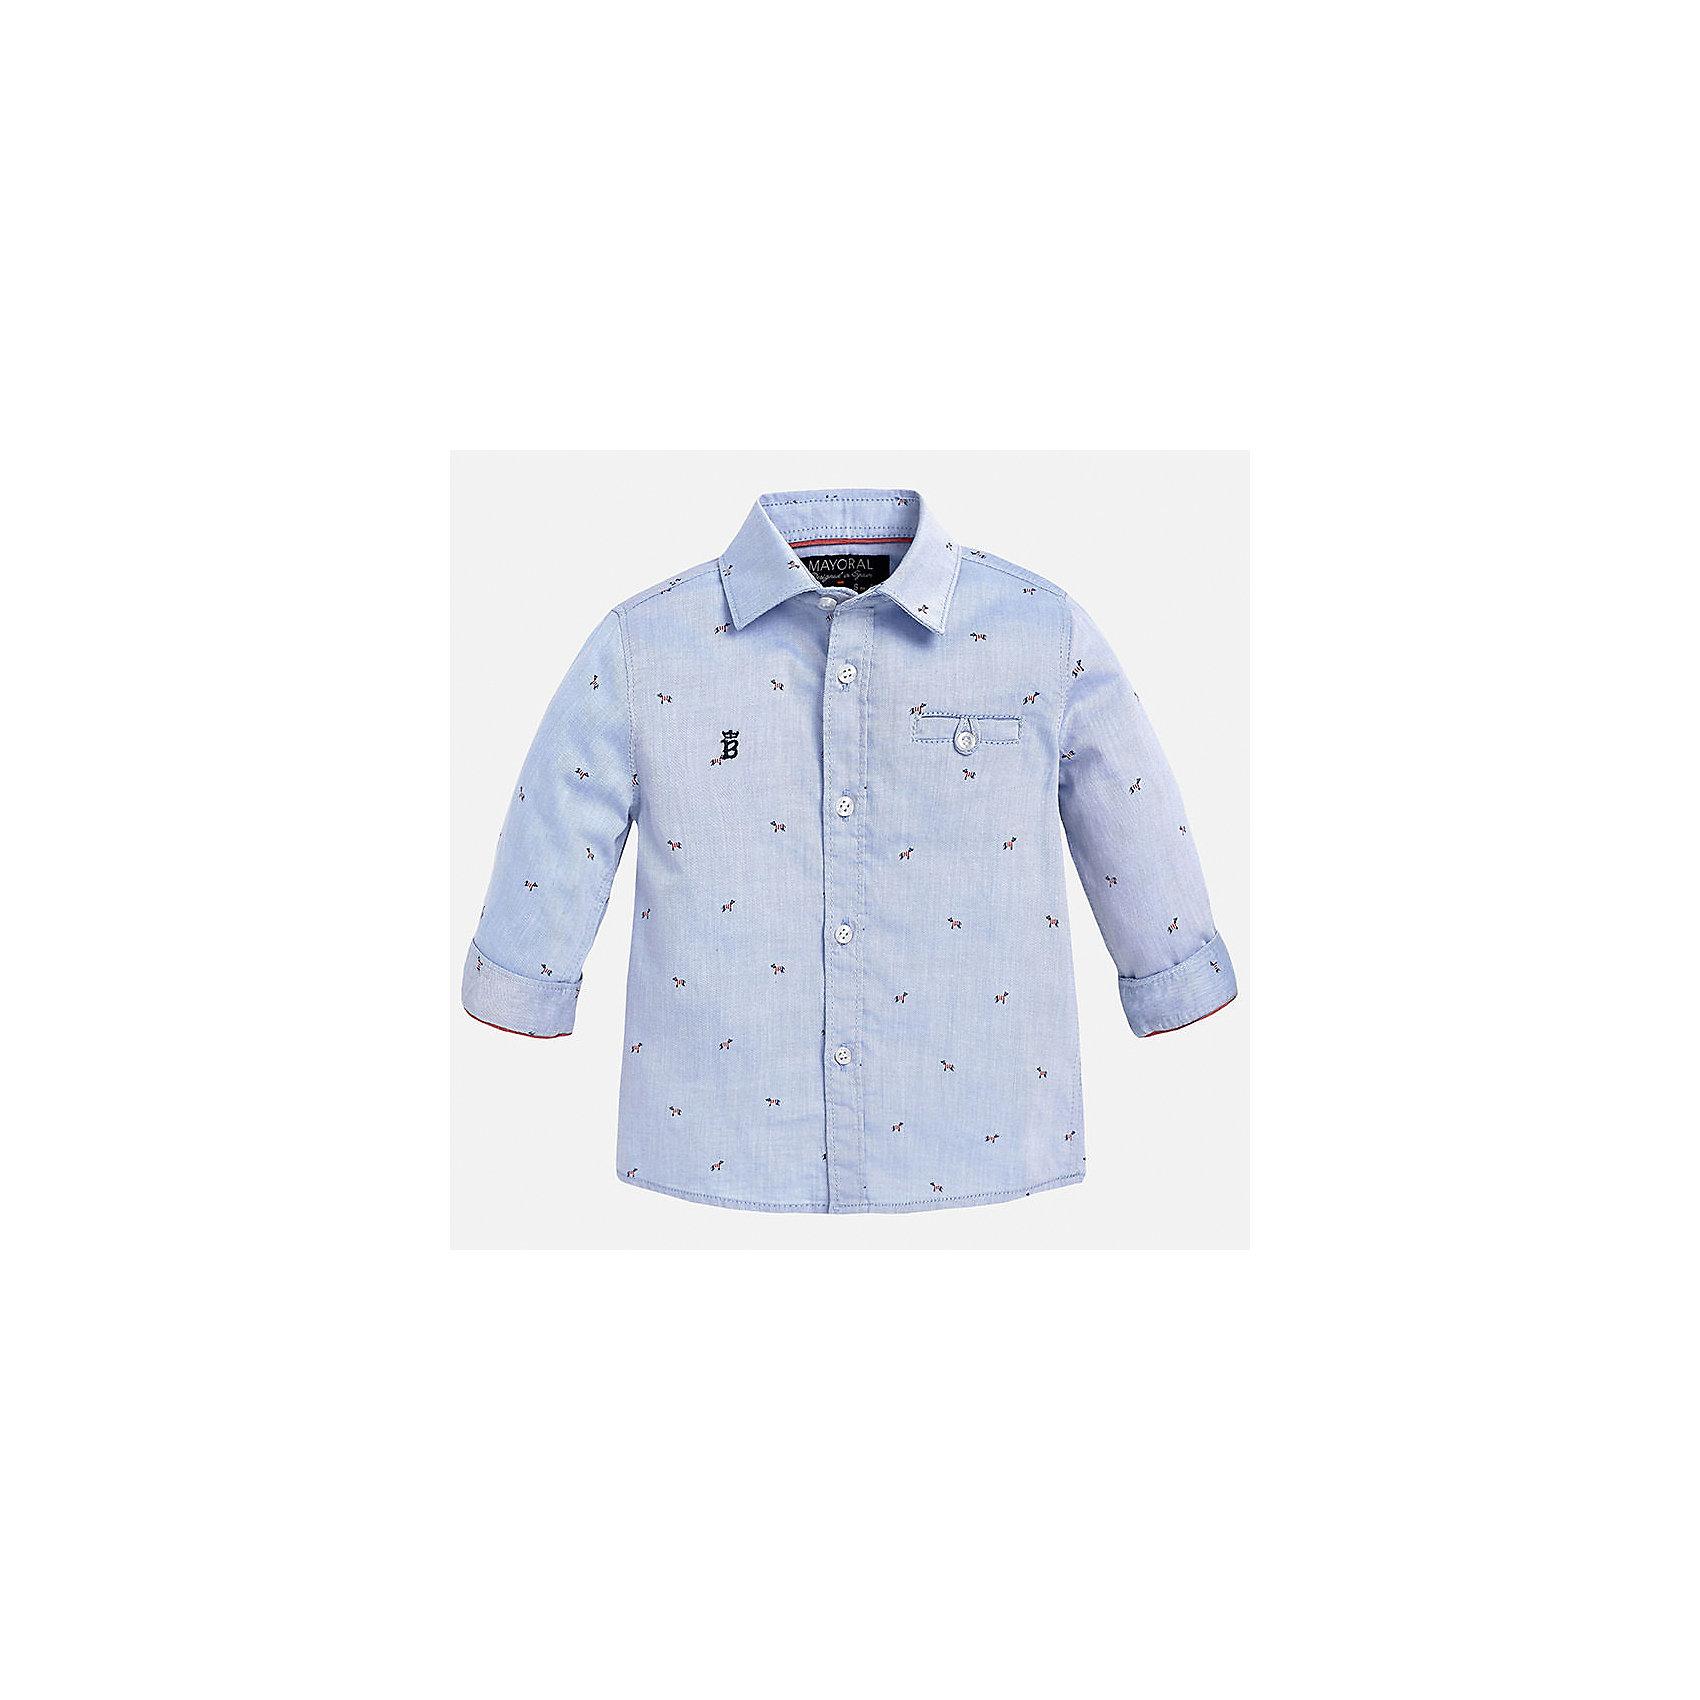 Рубашка для мальчика MayoralОдежда<br>Рубашка для мальчика от известного испанского бренда Mayoral. Модель из 100% хлопка с ненавязчивым узором. На груди вышит декоративный карман. Отлично сочетается и с брюками, и с джинсами.<br>Дополнительная информация:<br>-прямой силуэт<br>-укороченные рукава<br>-декоративный карман и небольшая эмблема на груди<br>-застегивается на пуговицы<br>-цвет: голубой<br>-состав: 100% хлопок<br>Рубашку Mayoral можно приобрести в нашем интернет-магазине.<br><br>Ширина мм: 174<br>Глубина мм: 10<br>Высота мм: 169<br>Вес г: 157<br>Цвет: голубой<br>Возраст от месяцев: 12<br>Возраст до месяцев: 15<br>Пол: Мужской<br>Возраст: Детский<br>Размер: 80,86,92<br>SKU: 4820593